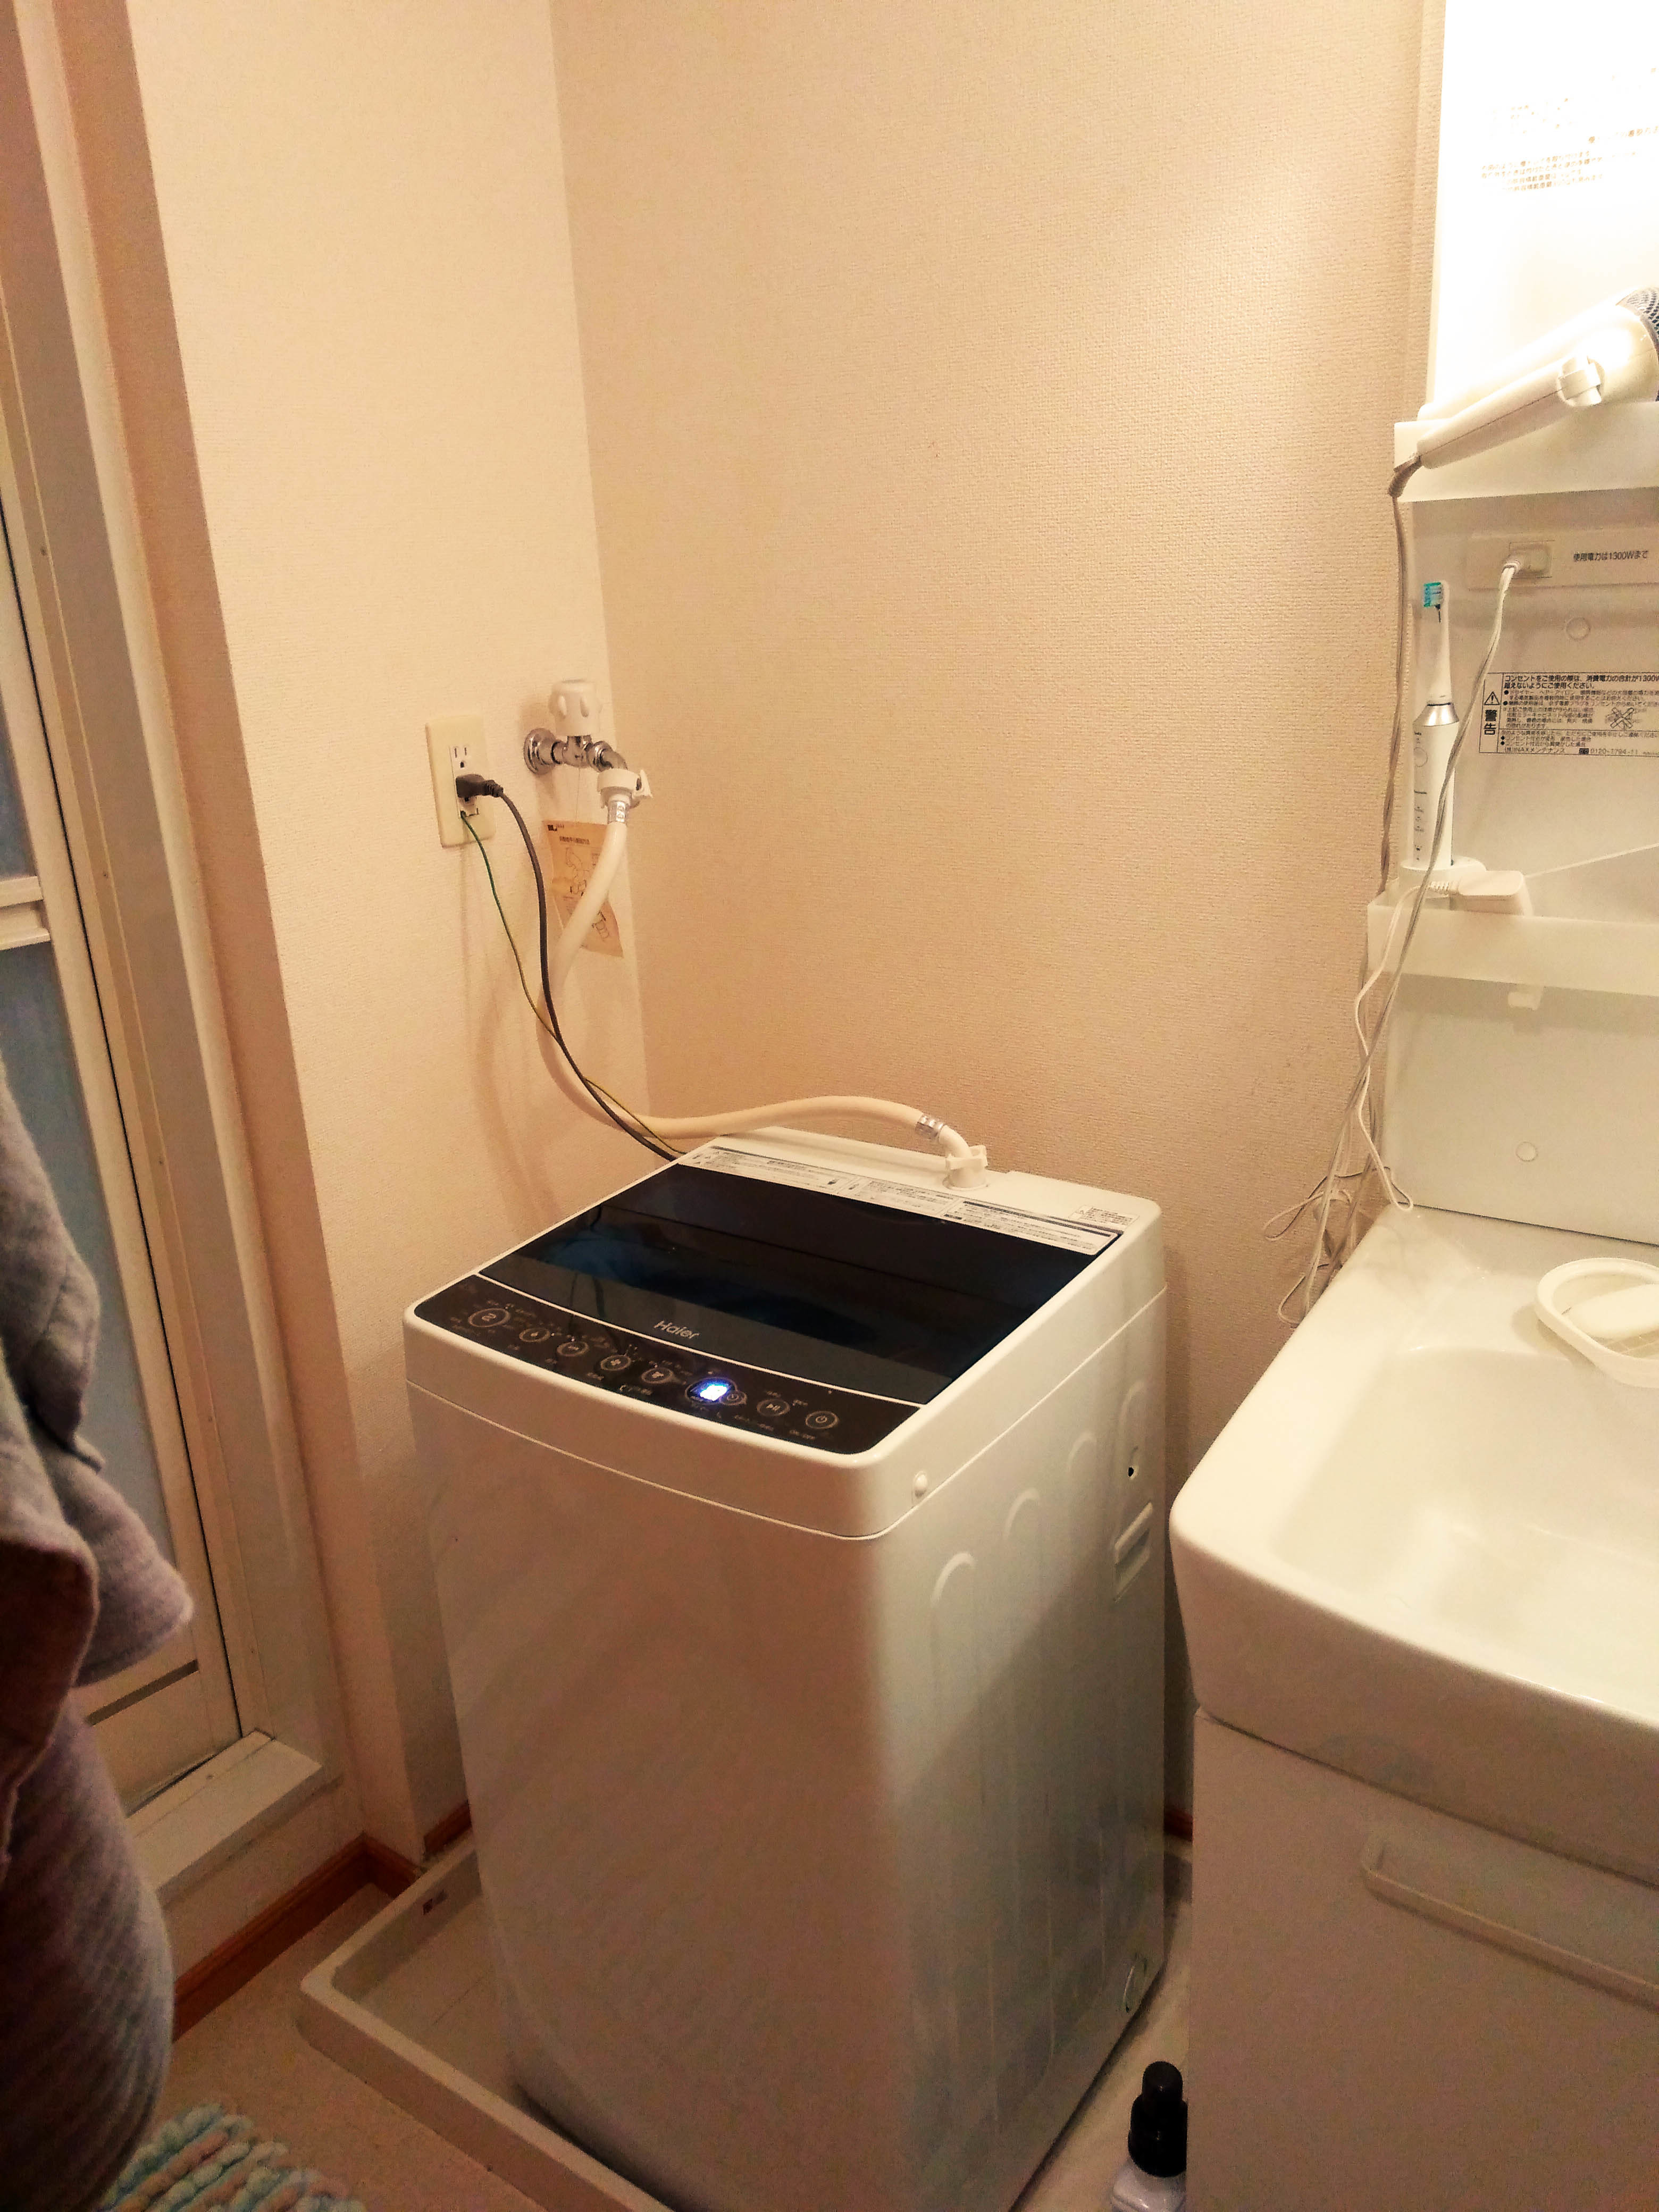 俺ん家の洗濯機